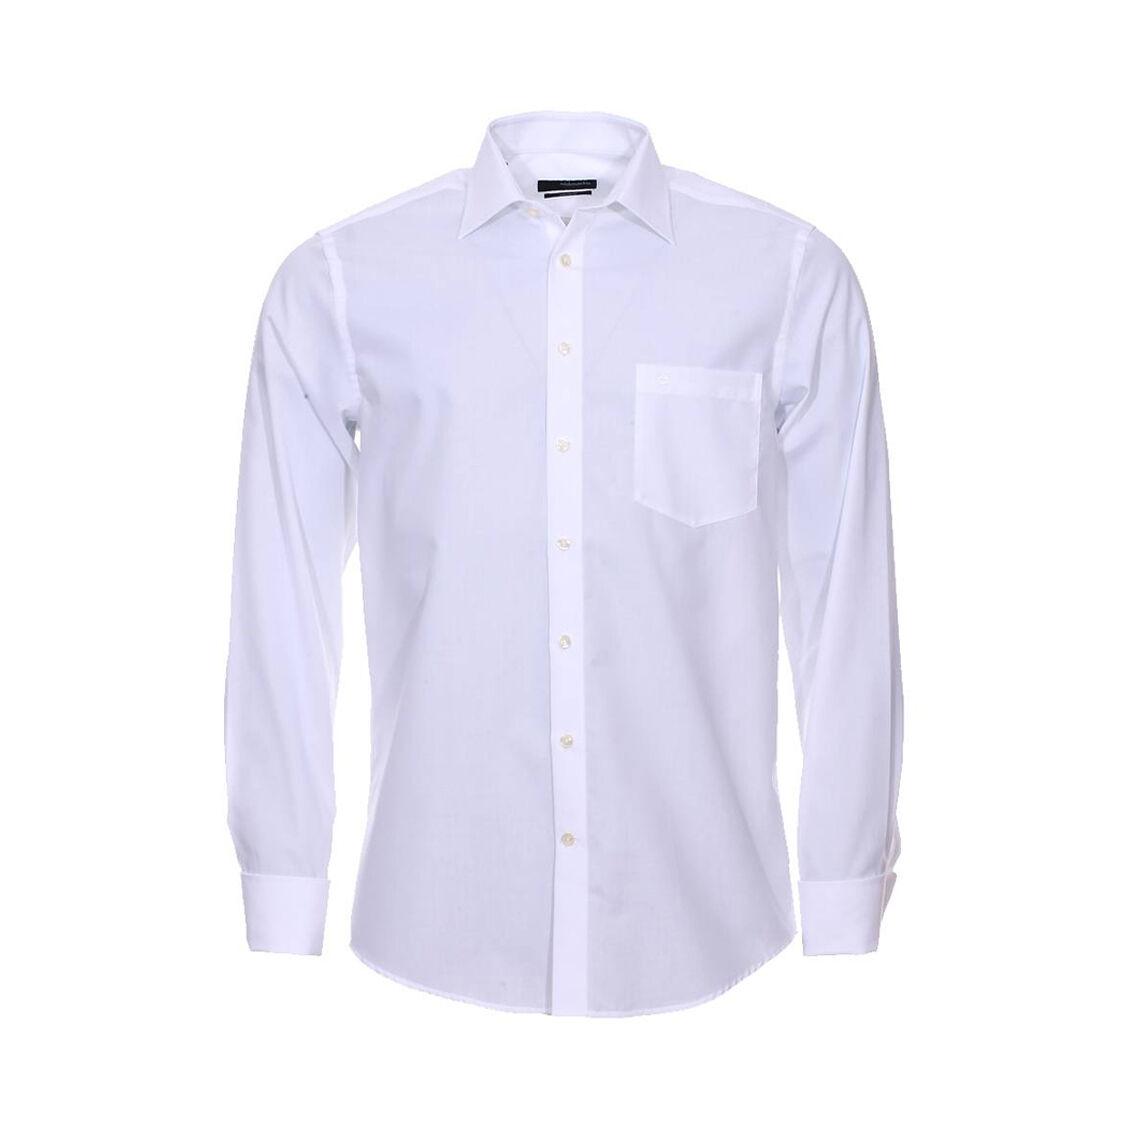 Seidensticker Chemise droite Seidensticker en coton blanc à poignets mousquetaires Sans repassage - BLANC - 38